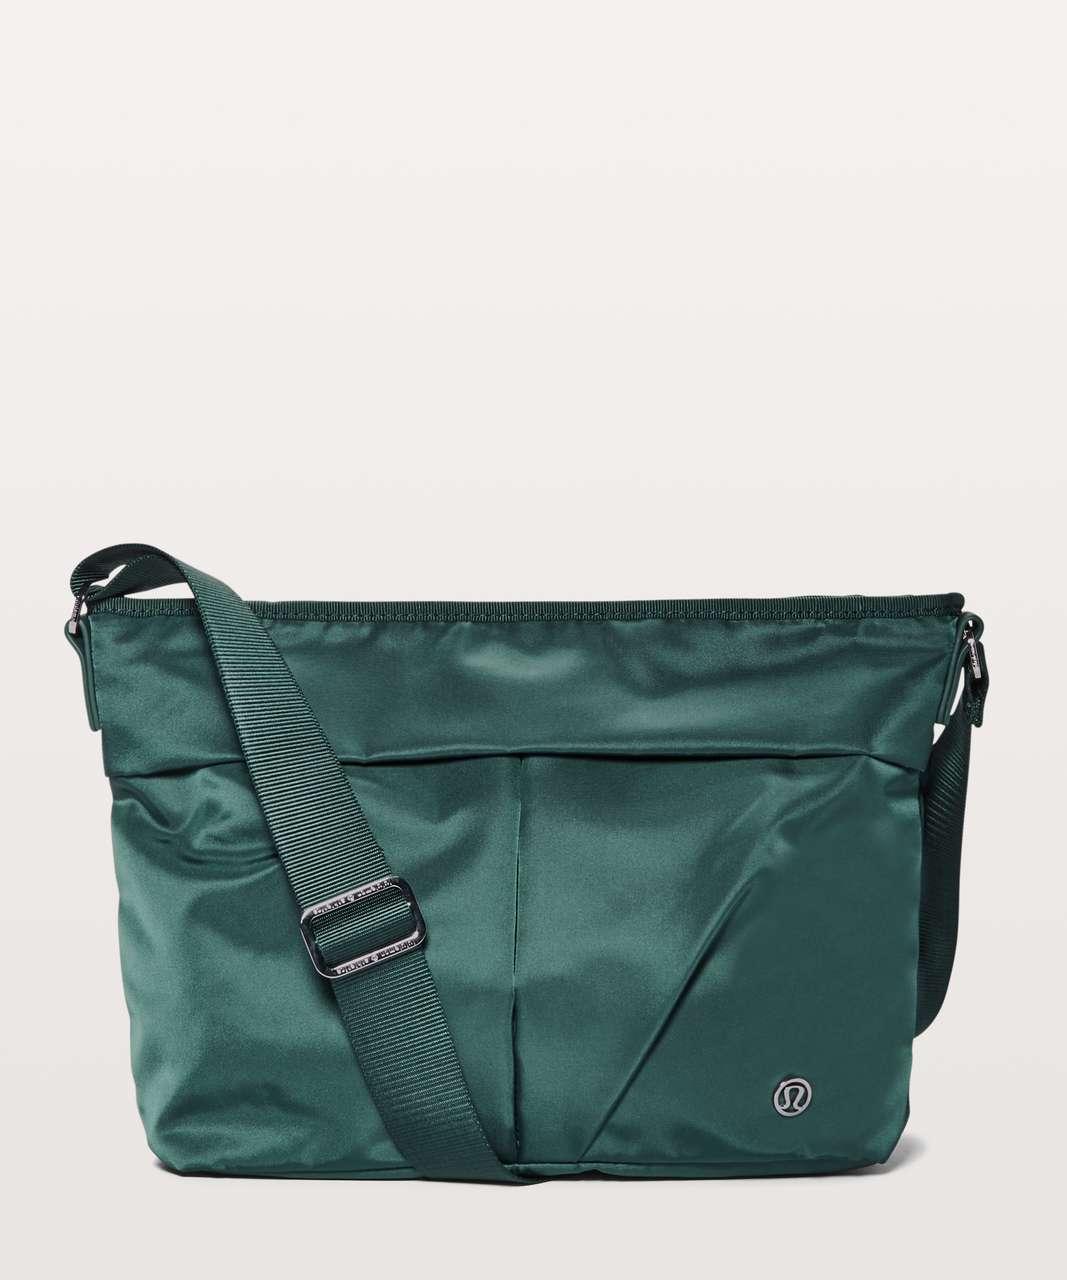 Lululemon City Adventurer Shoulder Bag *7L - Teal Shadow